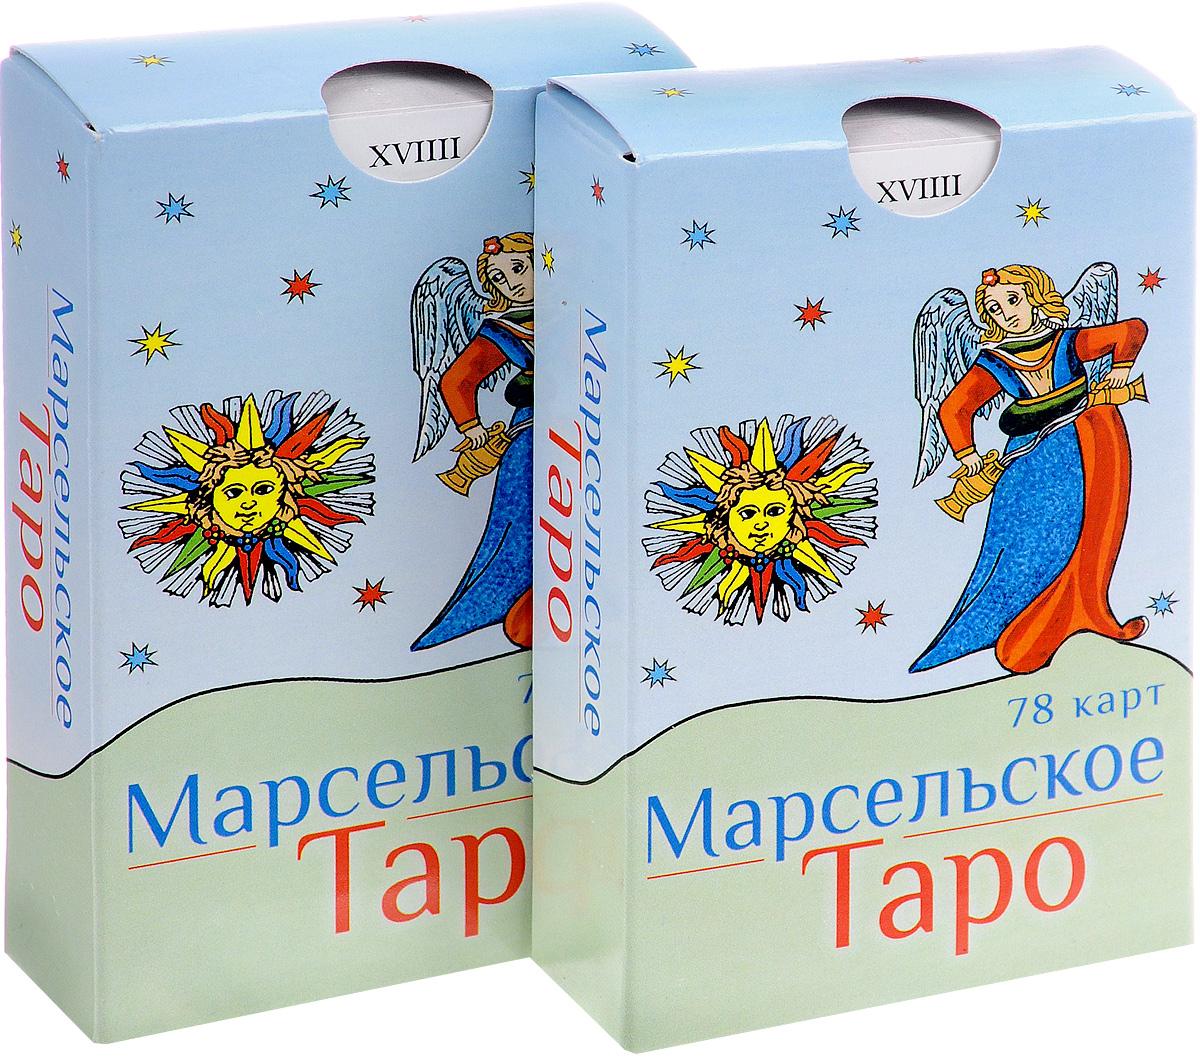 Поль Марто Марсельское Таро (комплект из 2 колод карт) справочник по радиолокации в 2 книгах комплект